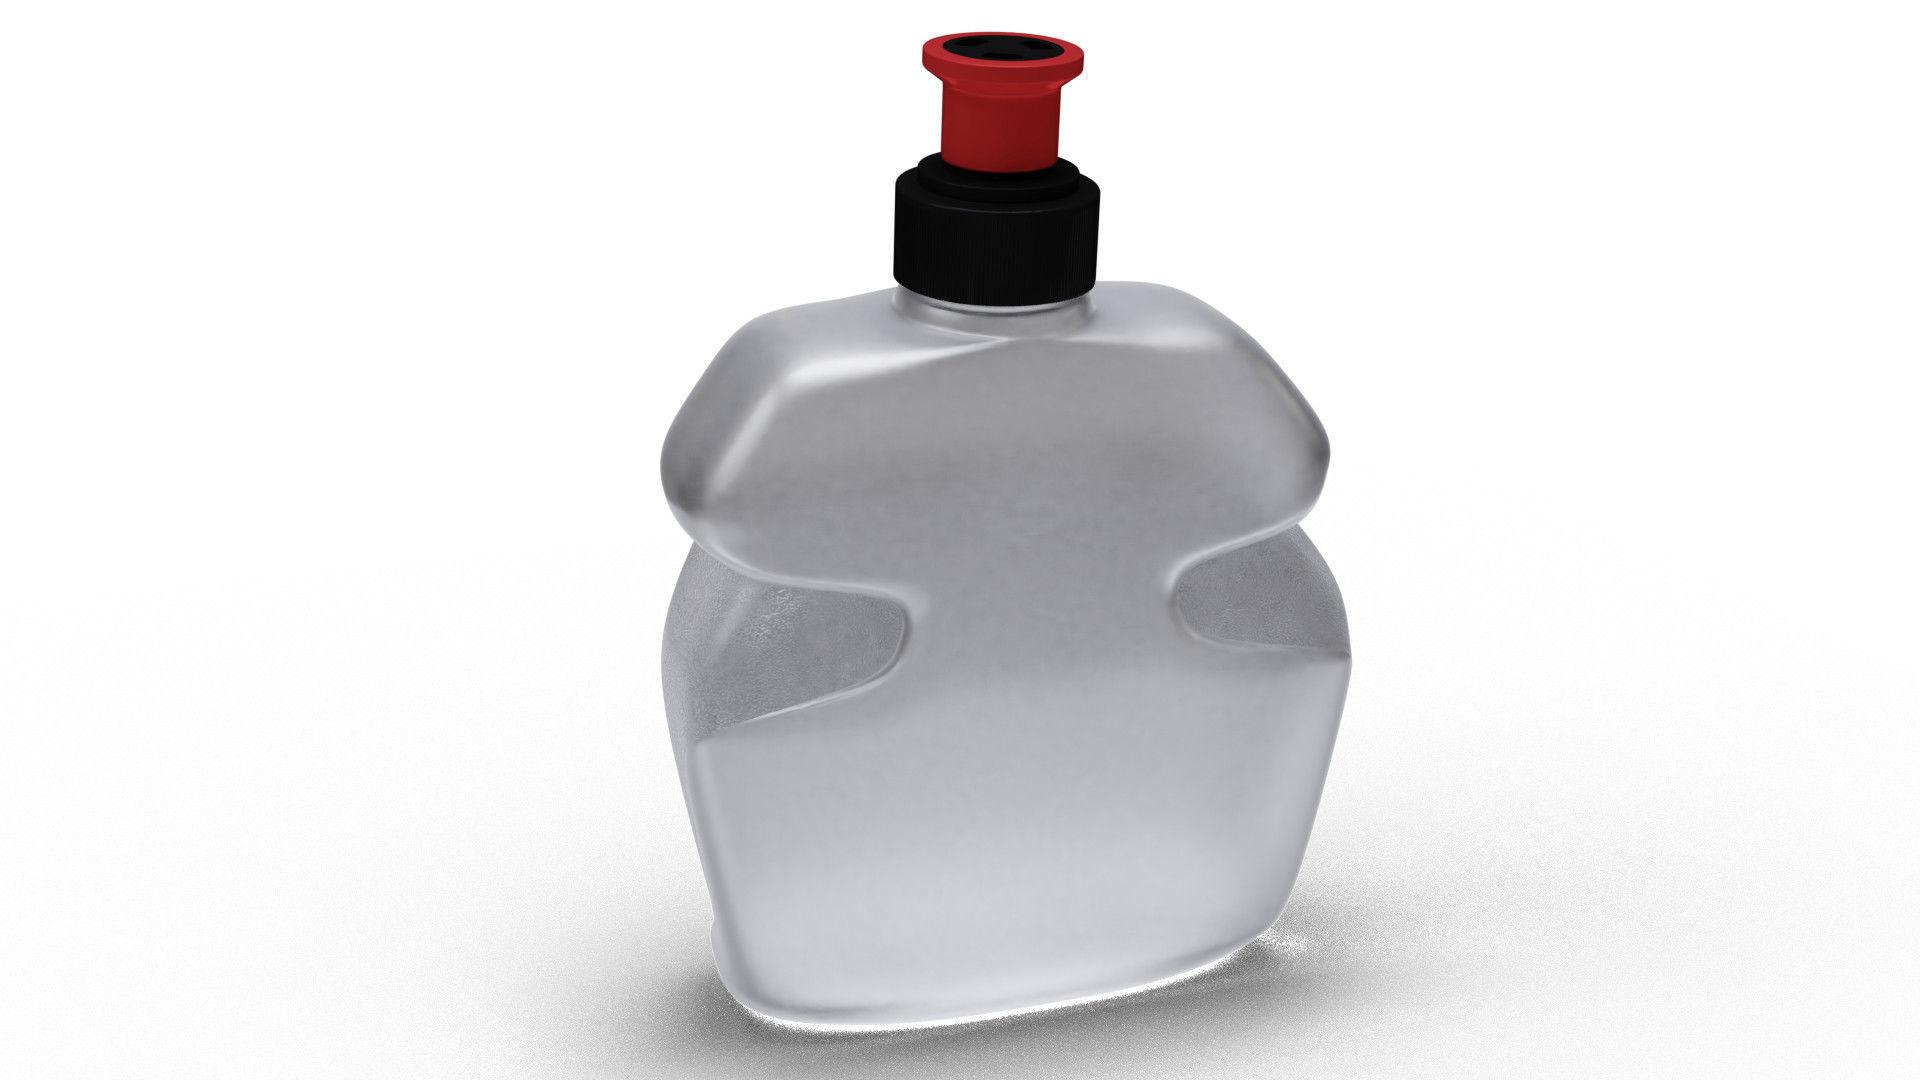 Hydration flask